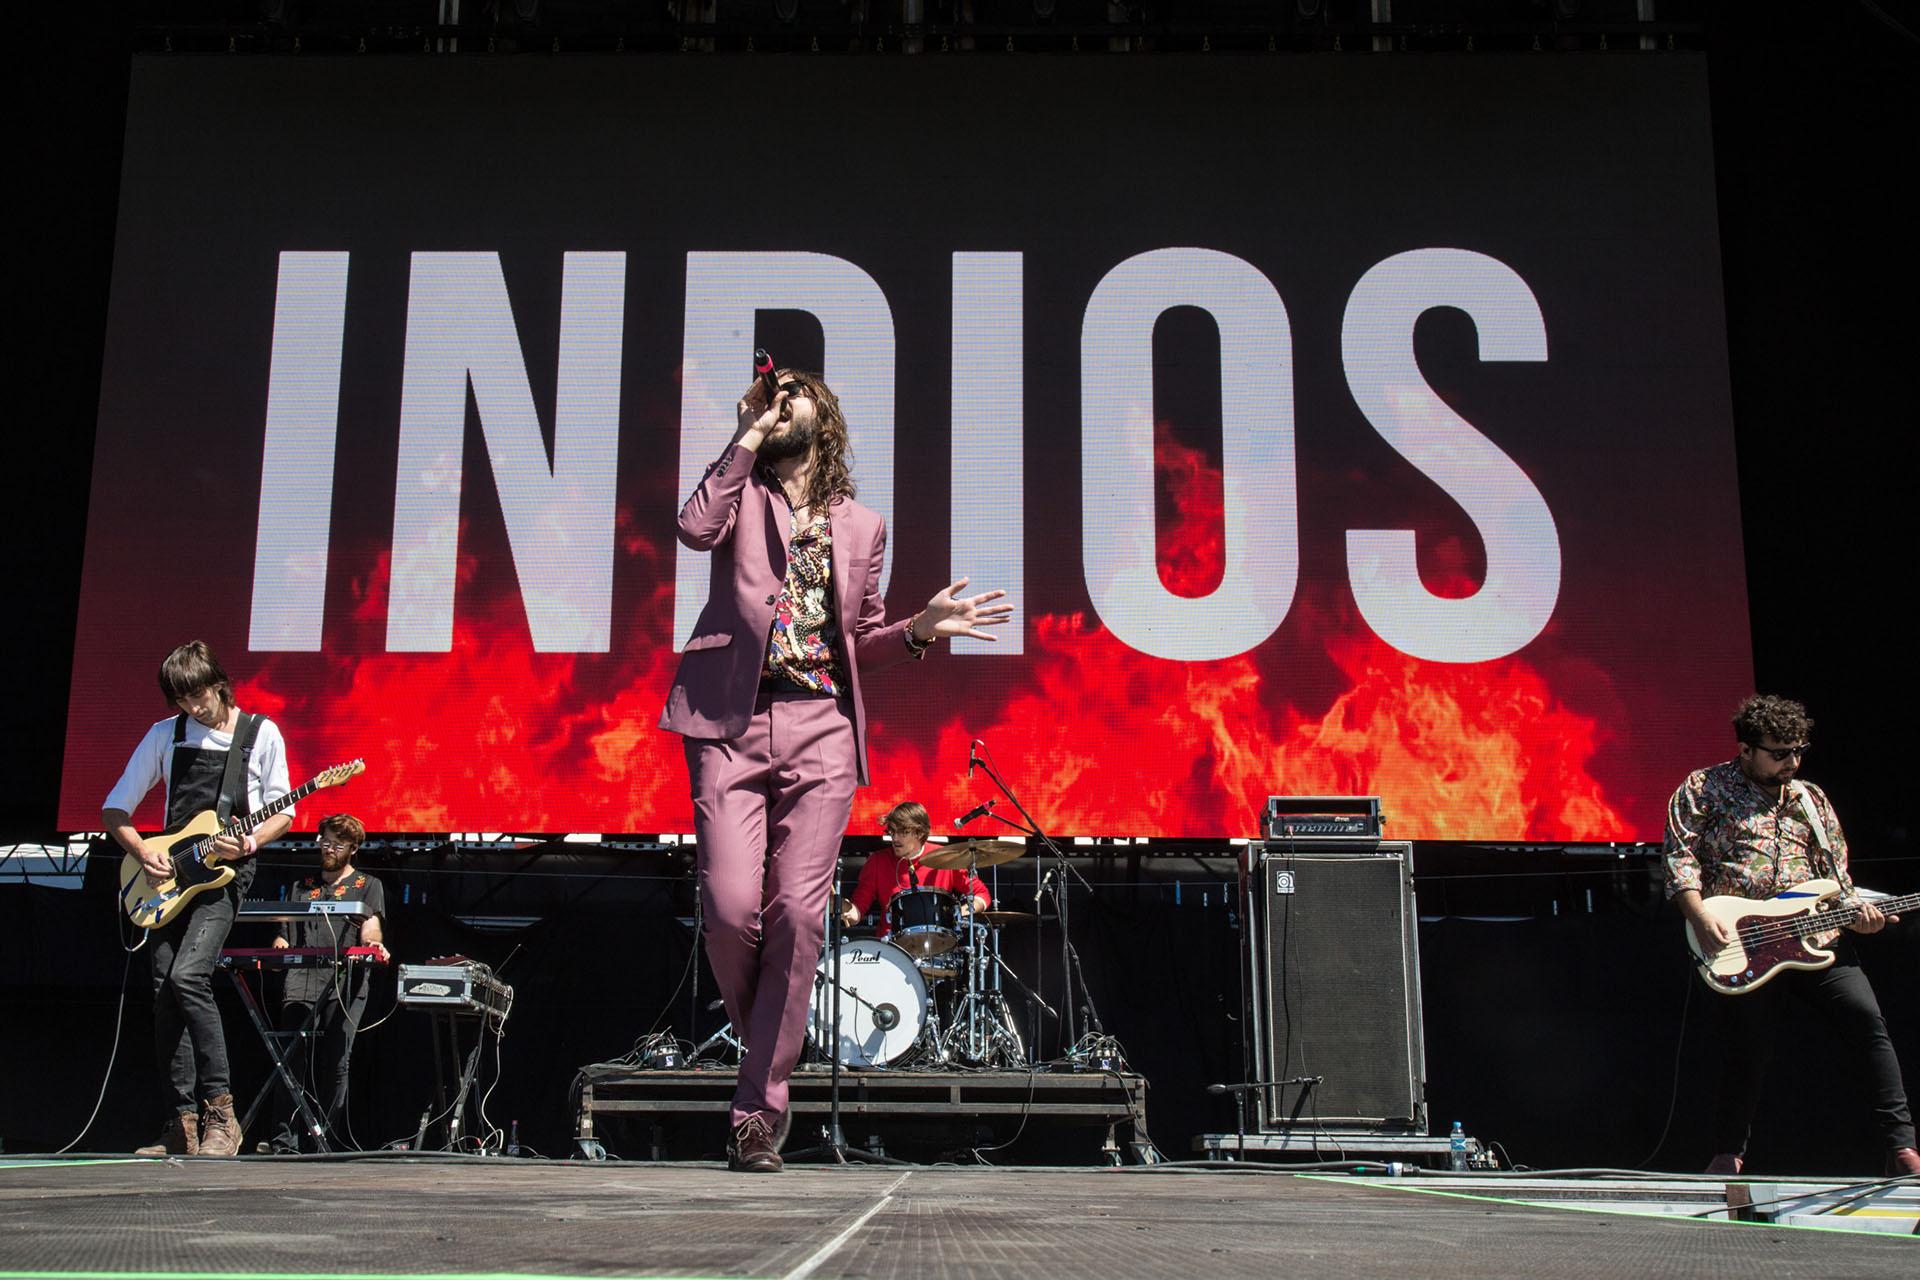 El show de Indios en Lollapalooza 2018